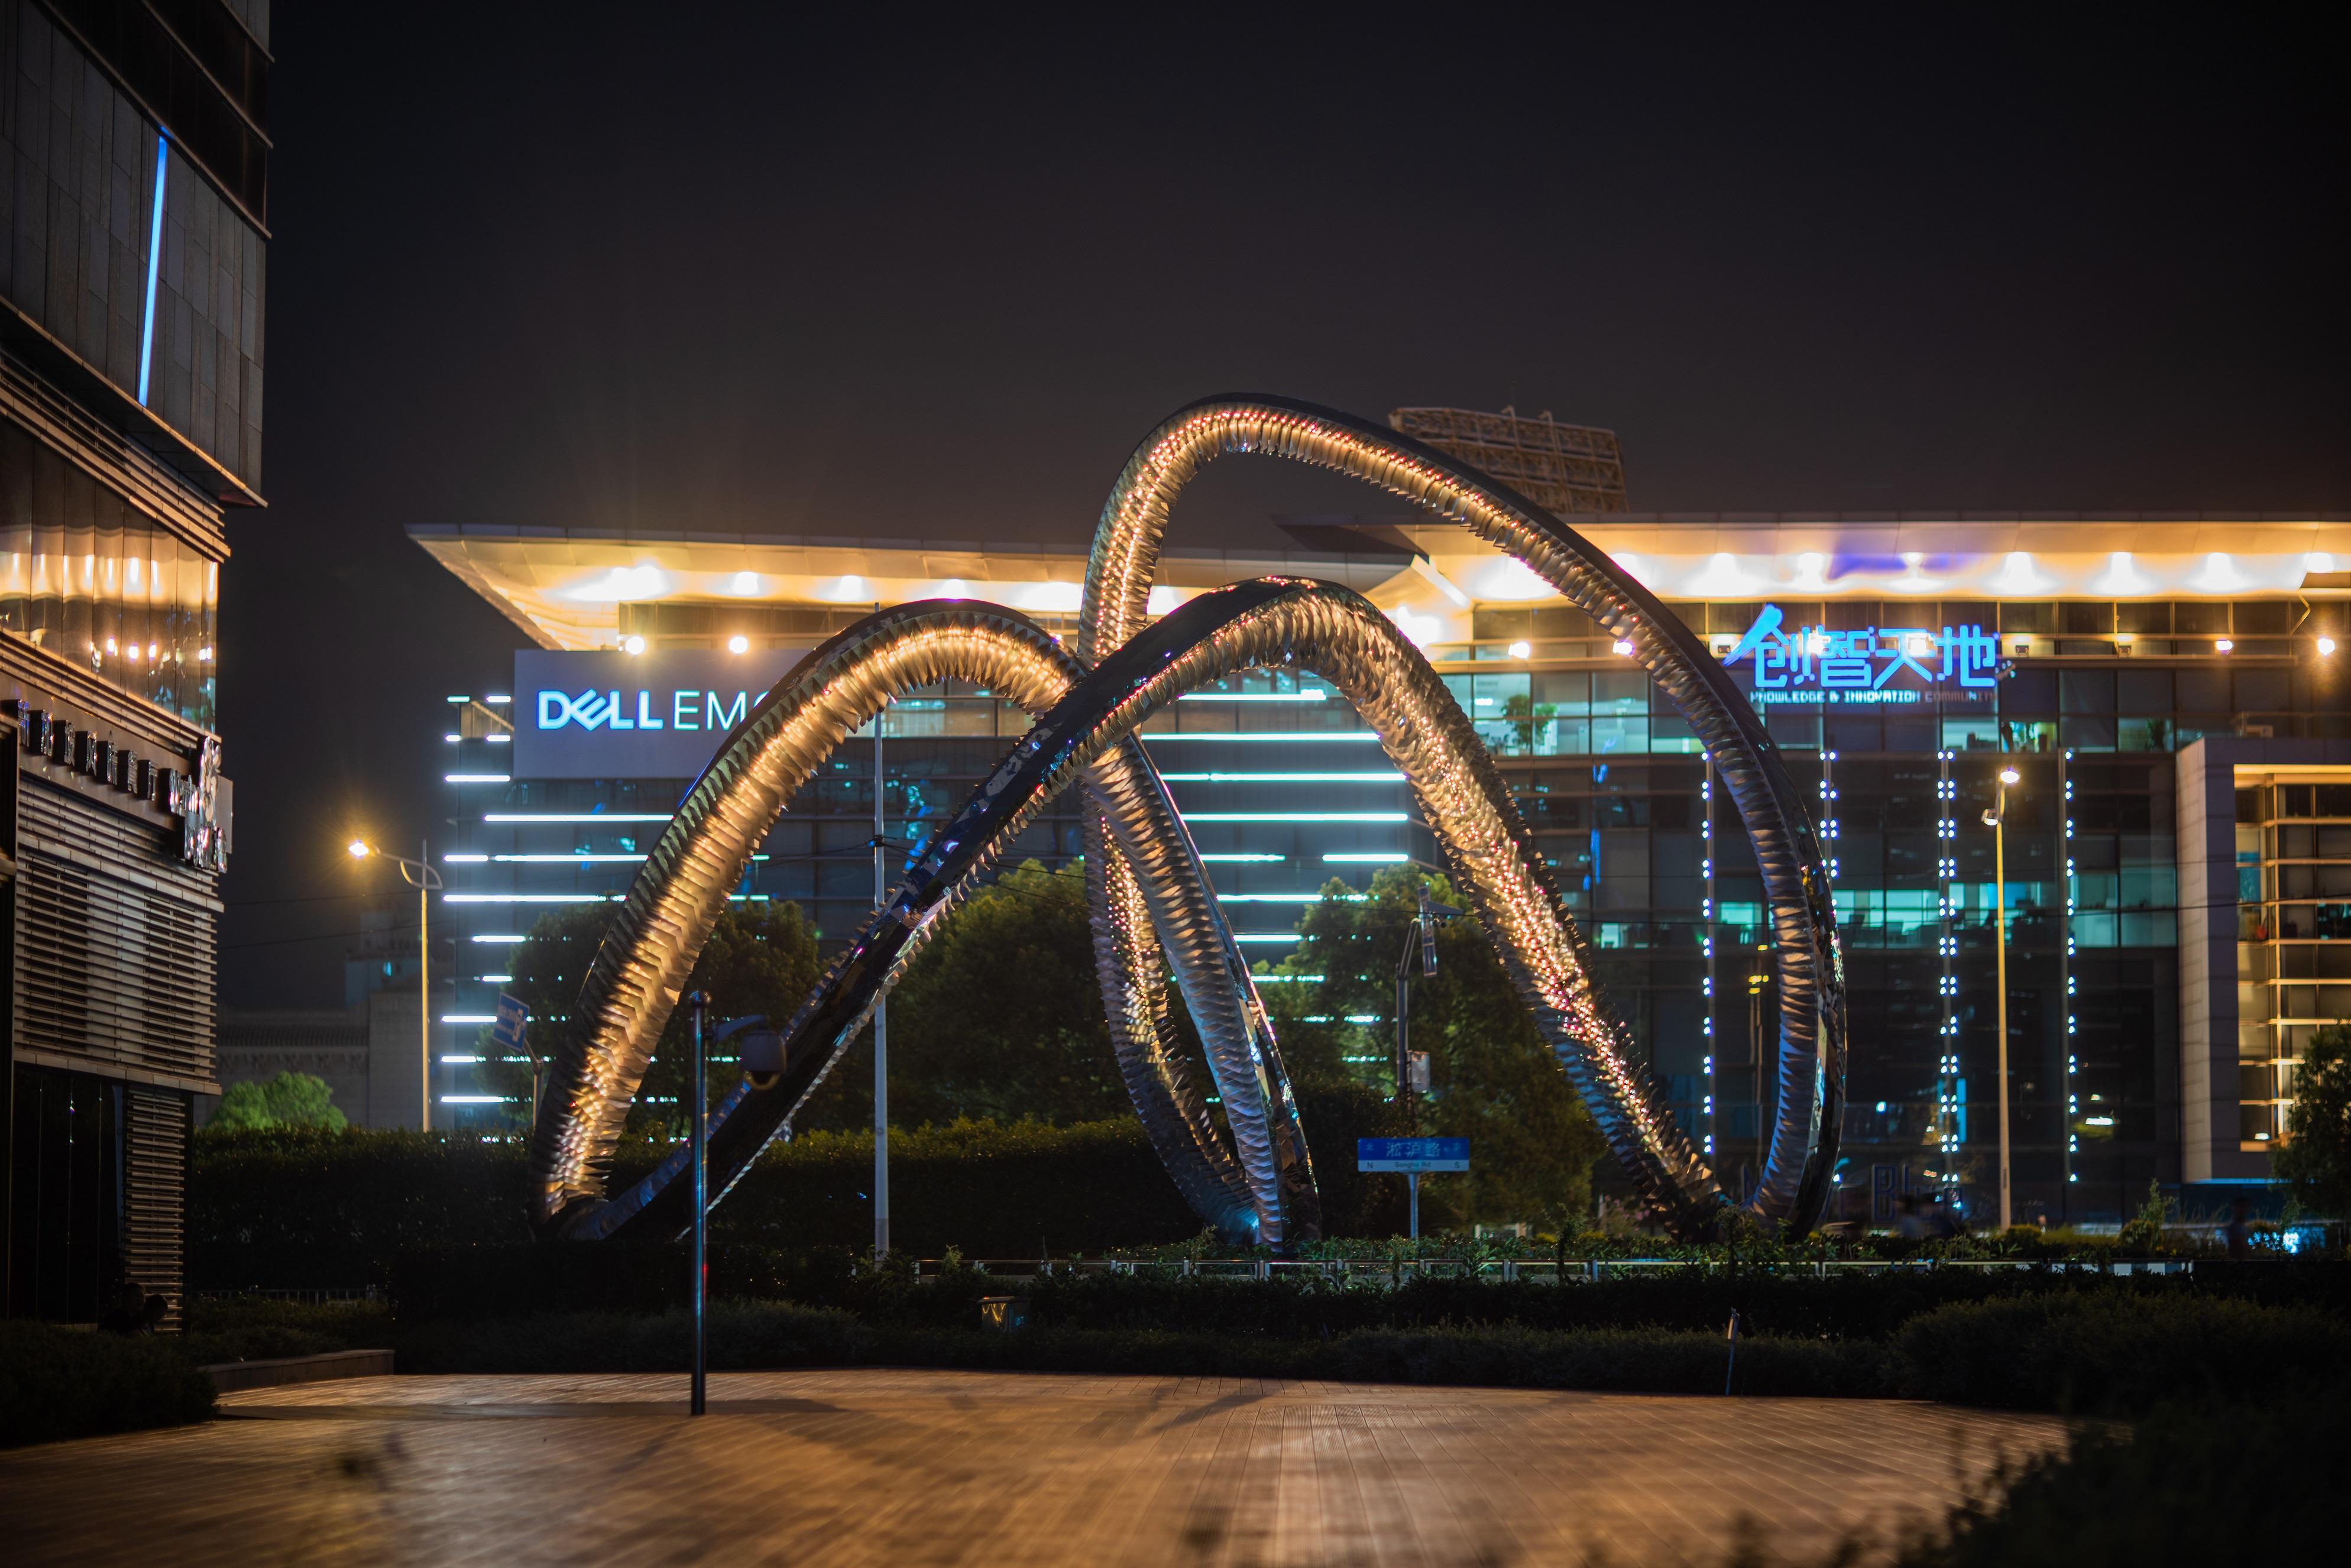 上海大学路雕塑莫比乌斯环-全景5.jpg